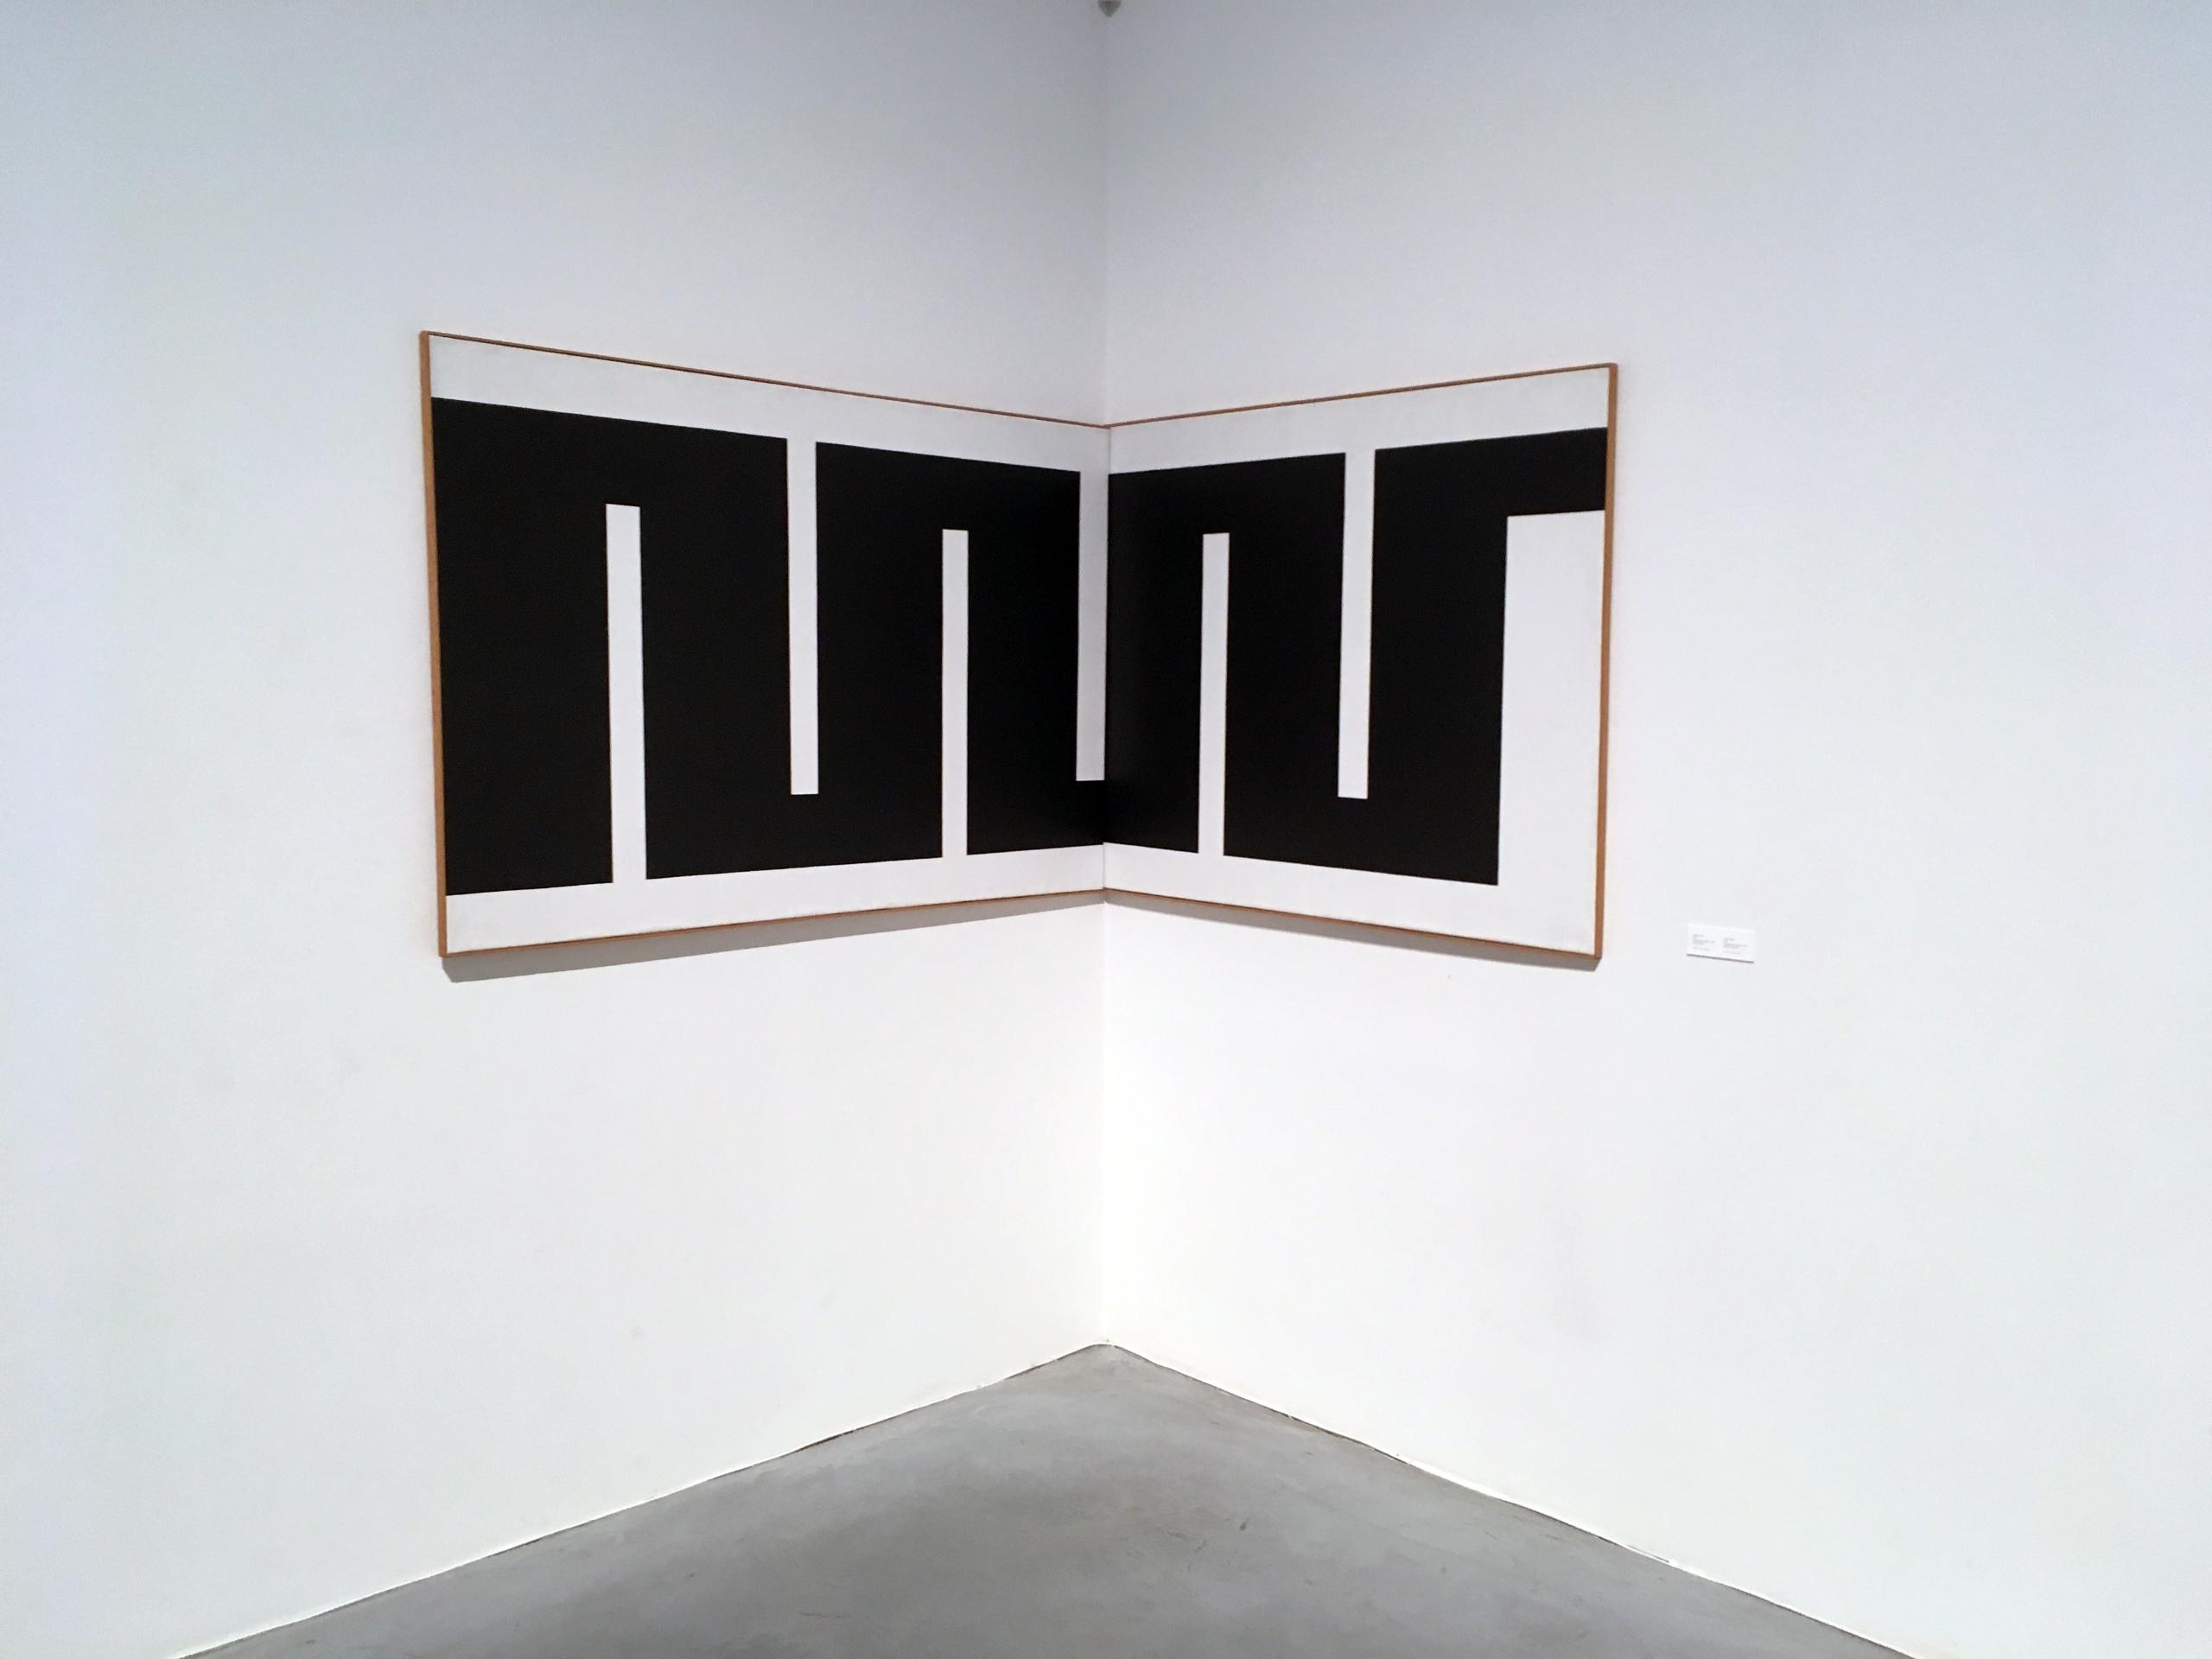 Zdjęcie przedstawia czarno-biały obraz zawieszony w rogu białej sali.